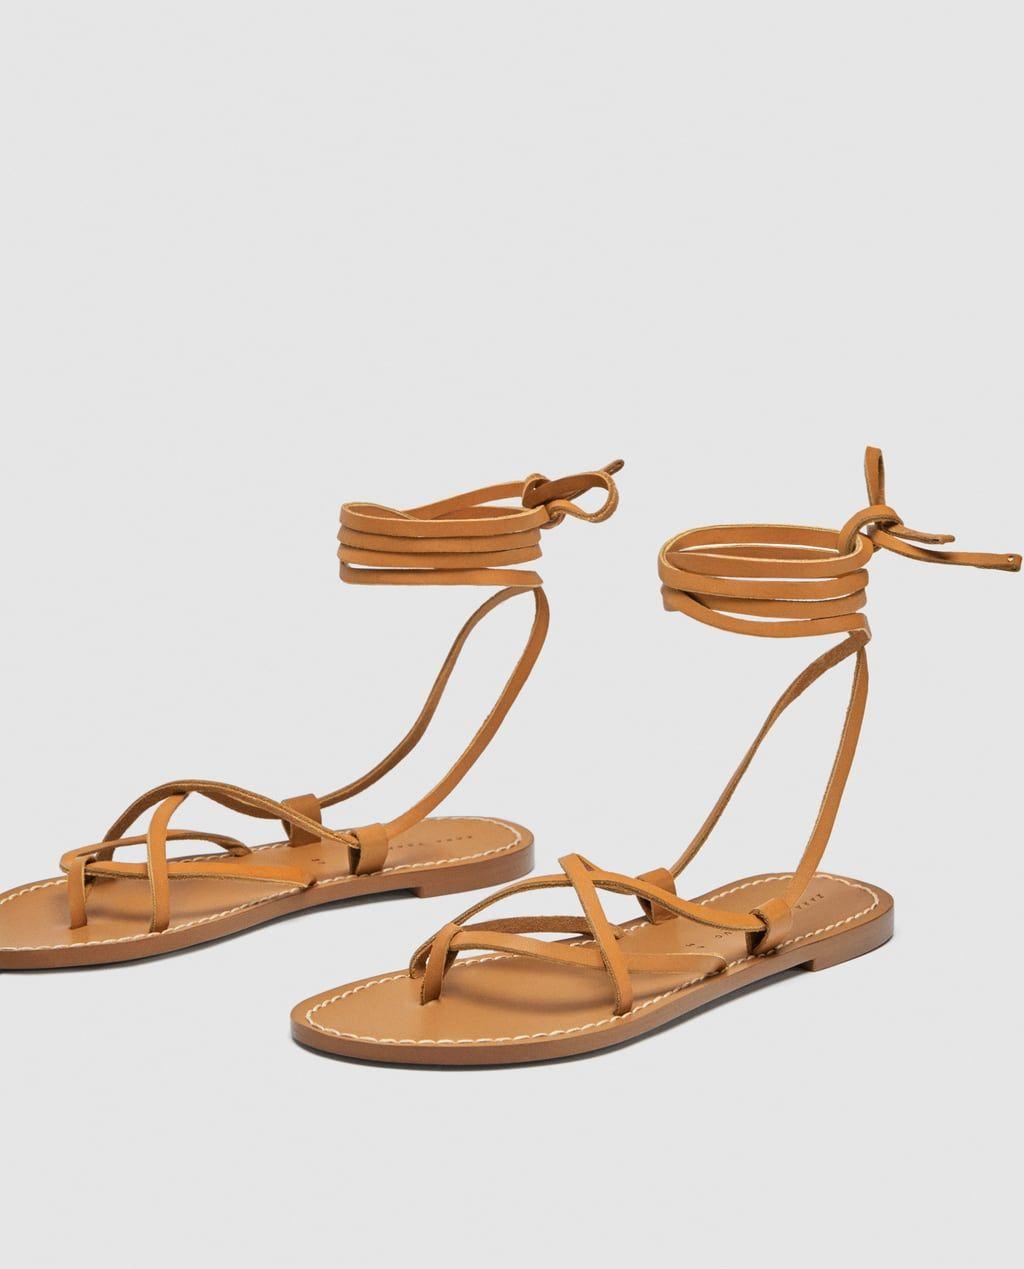 rabais de premier ordre factory convient aux hommes/femmes Image 4 de SANDALES PLATES À LACETS EN CUIR de Zara ...